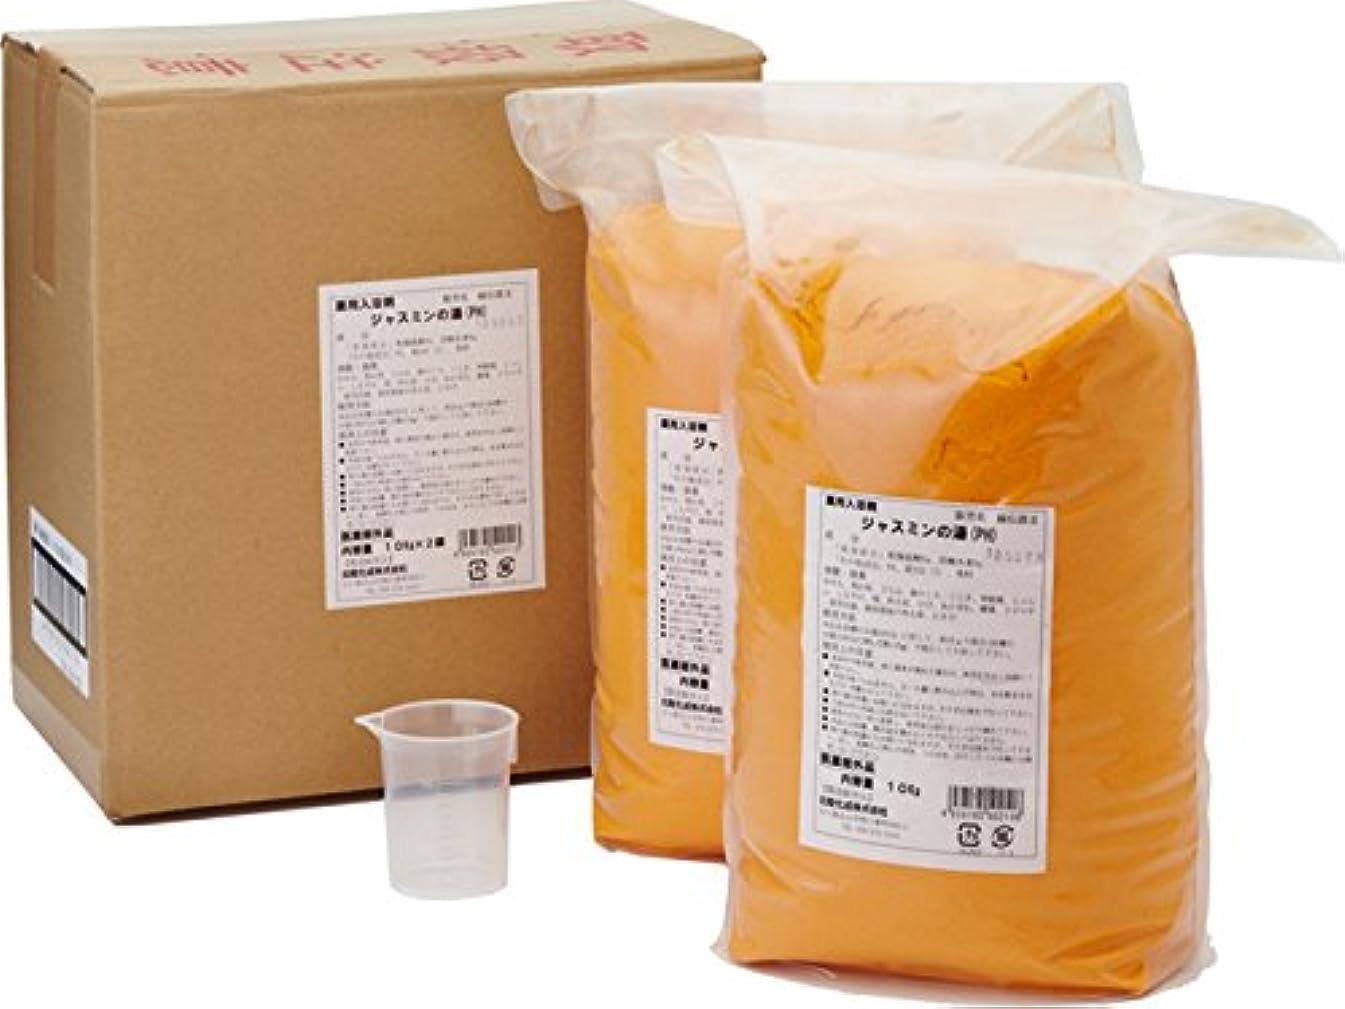 夕食を食べる批判的彼の入浴剤 ジャスミンの湯 / 20kg(10kg×2) ケース